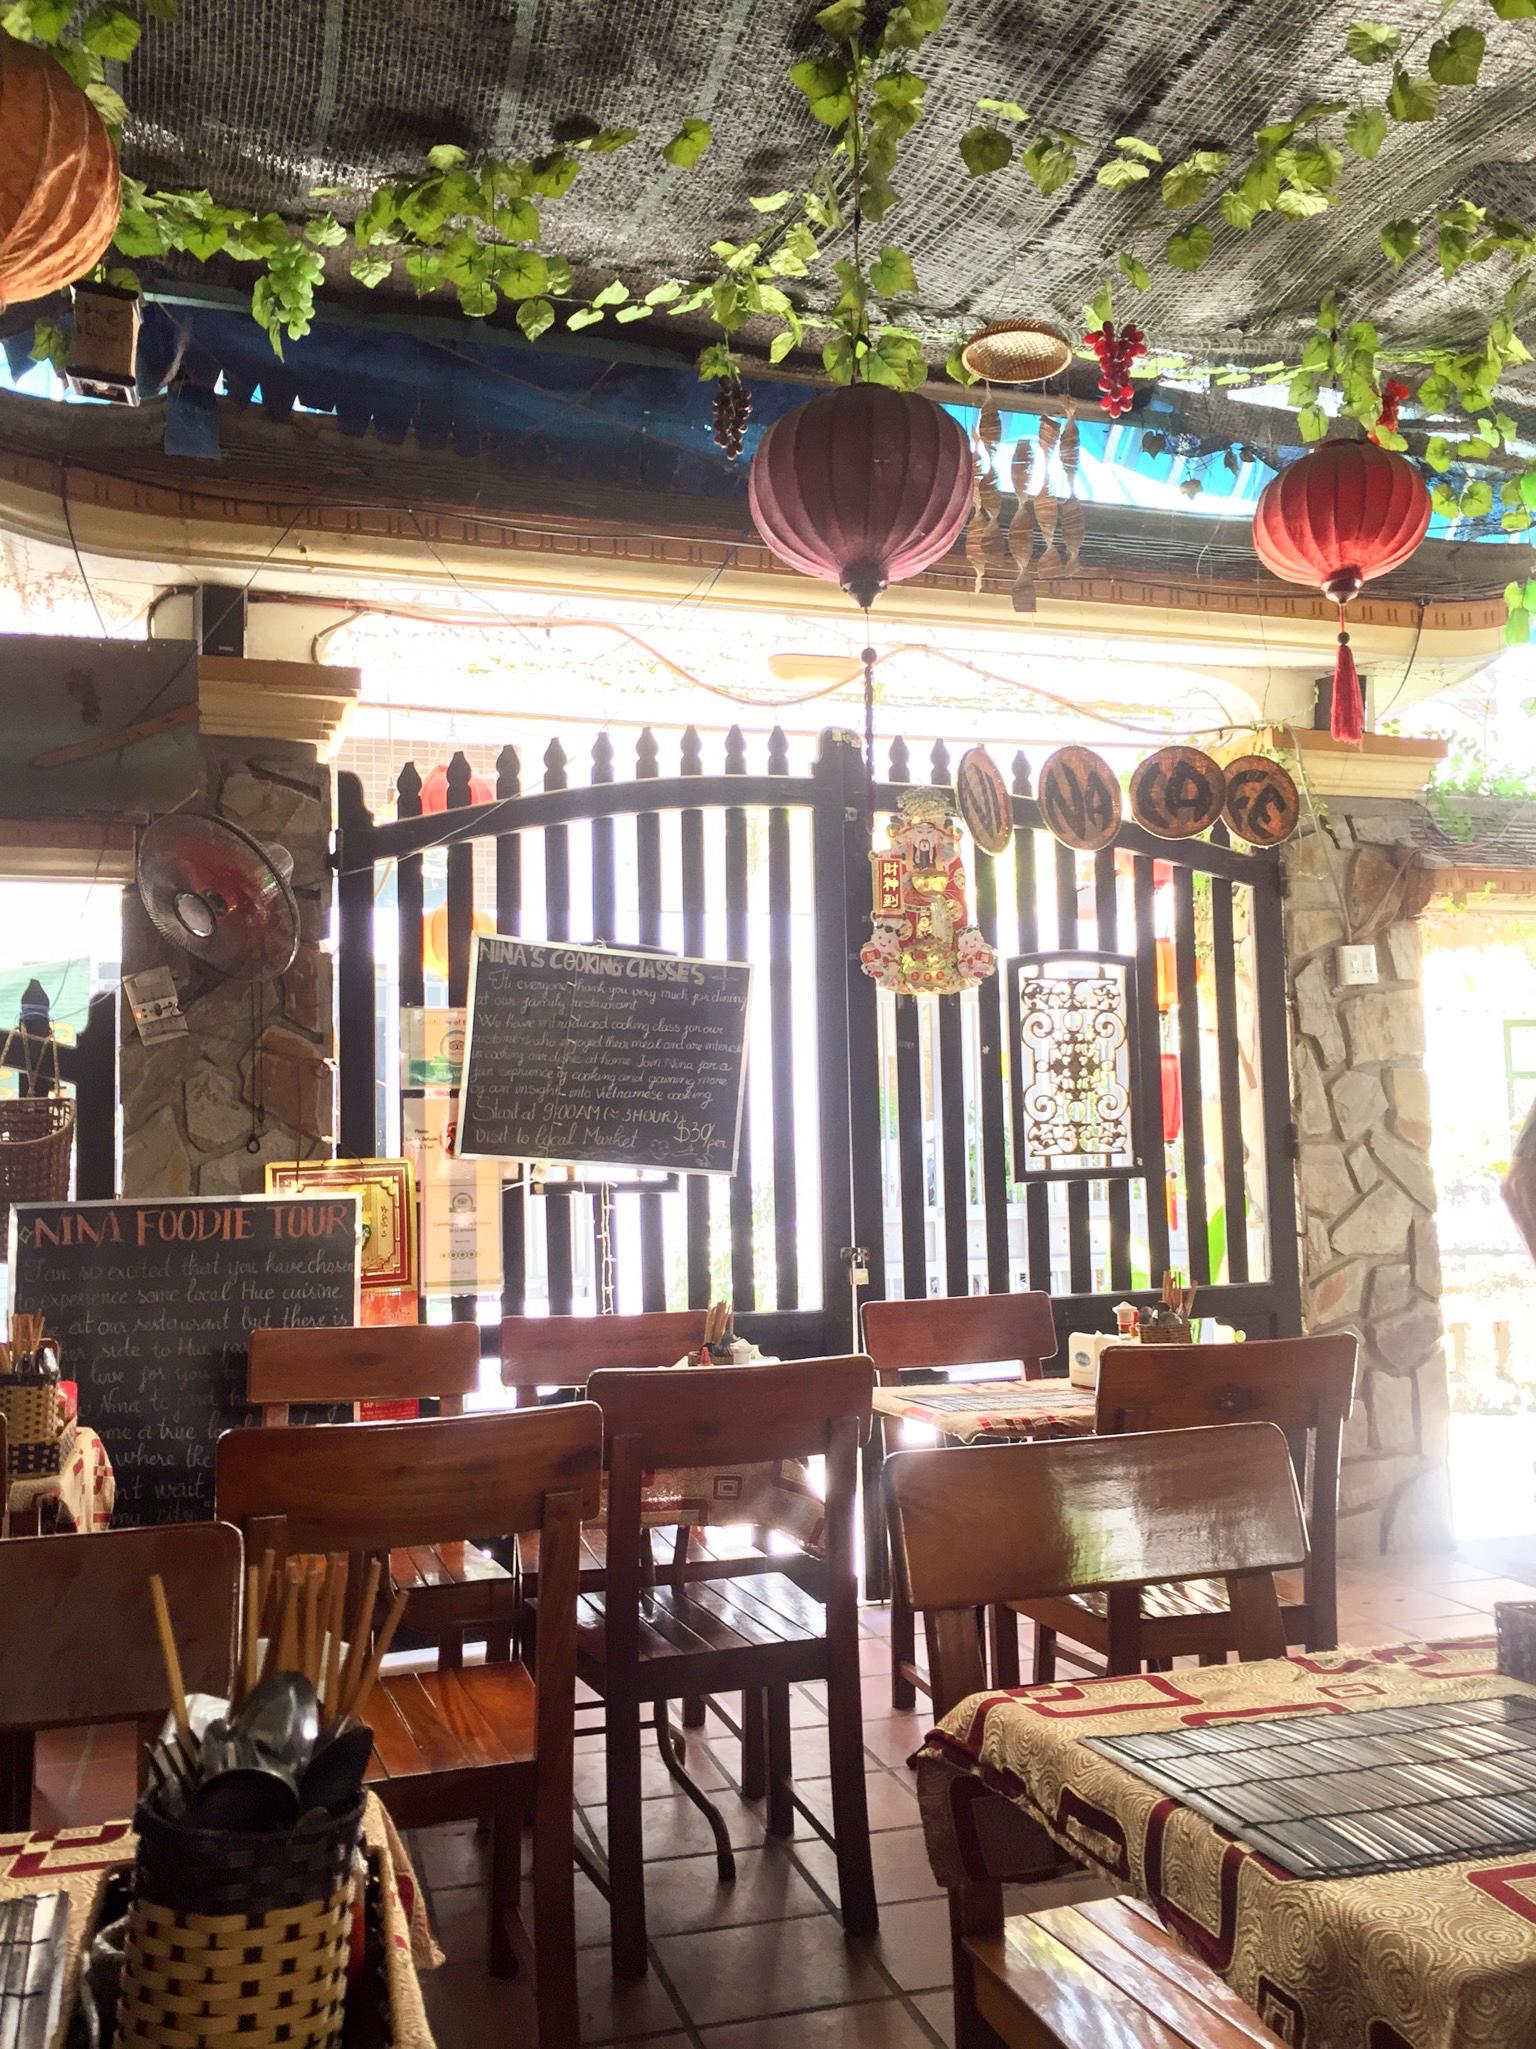 Inside Nina's Cafe